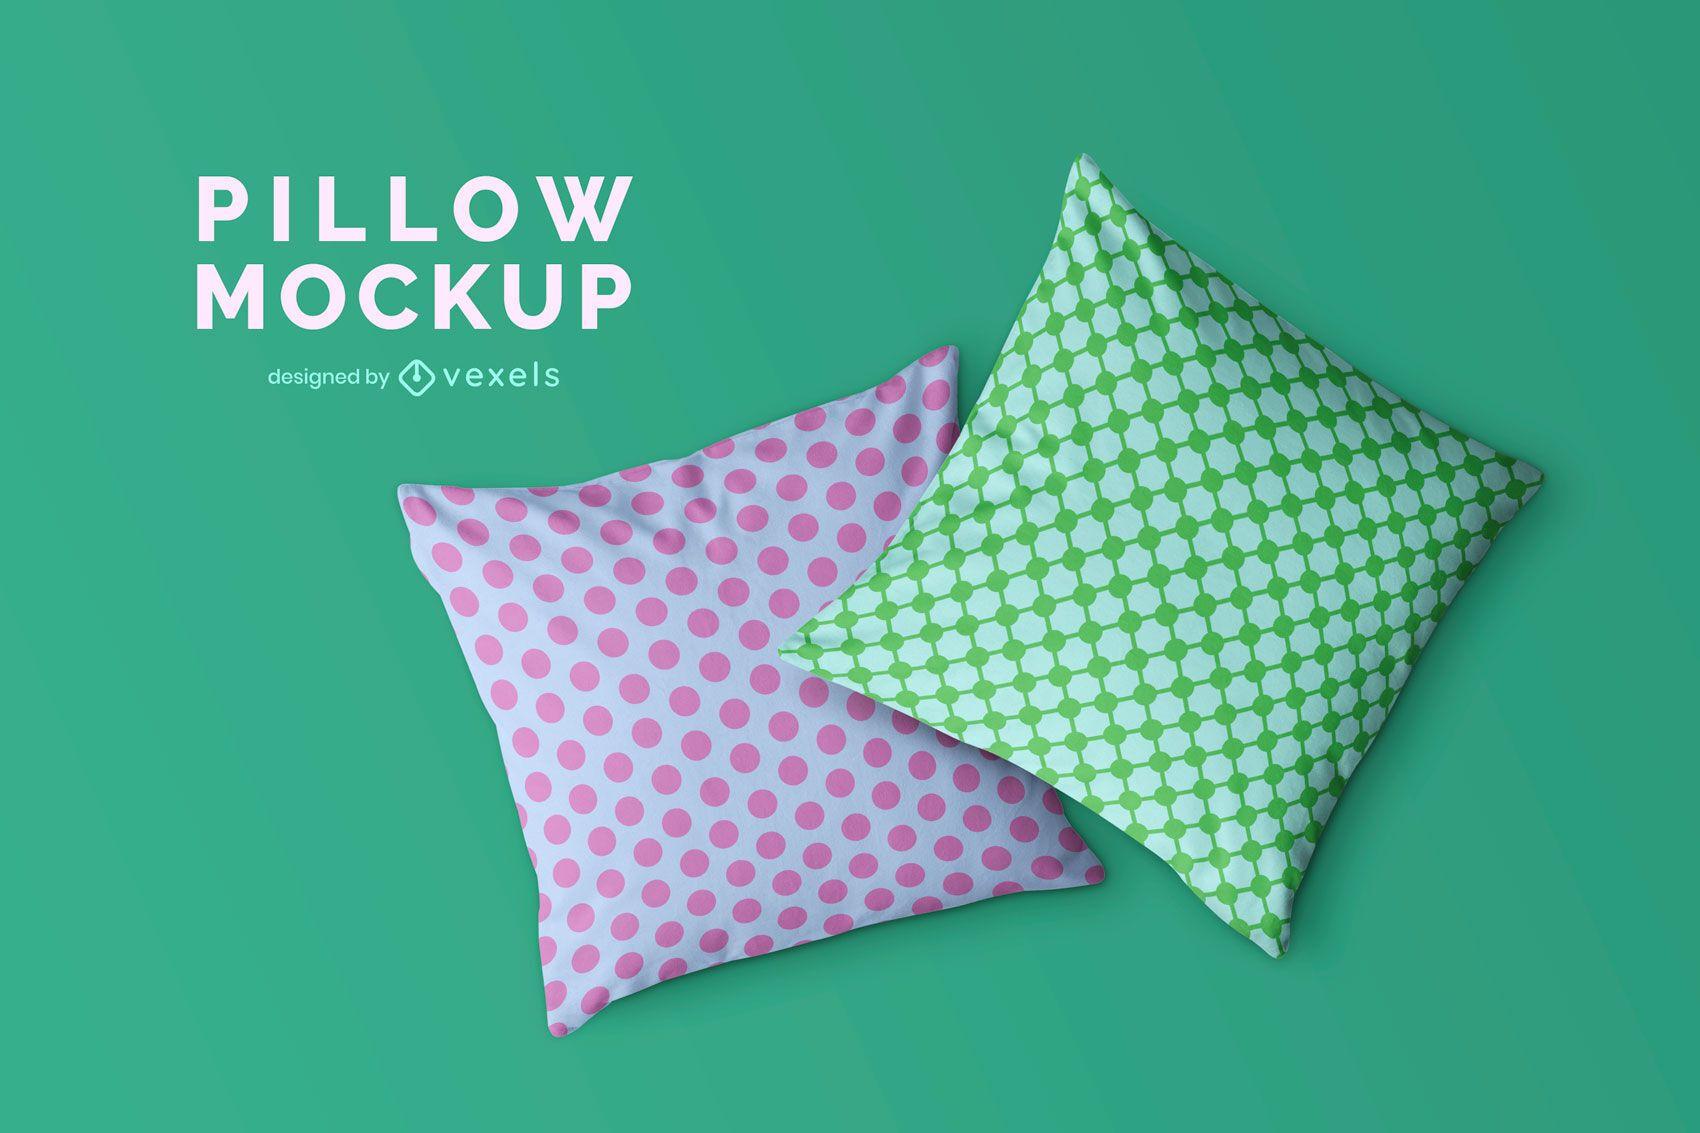 Pillows mockup designs